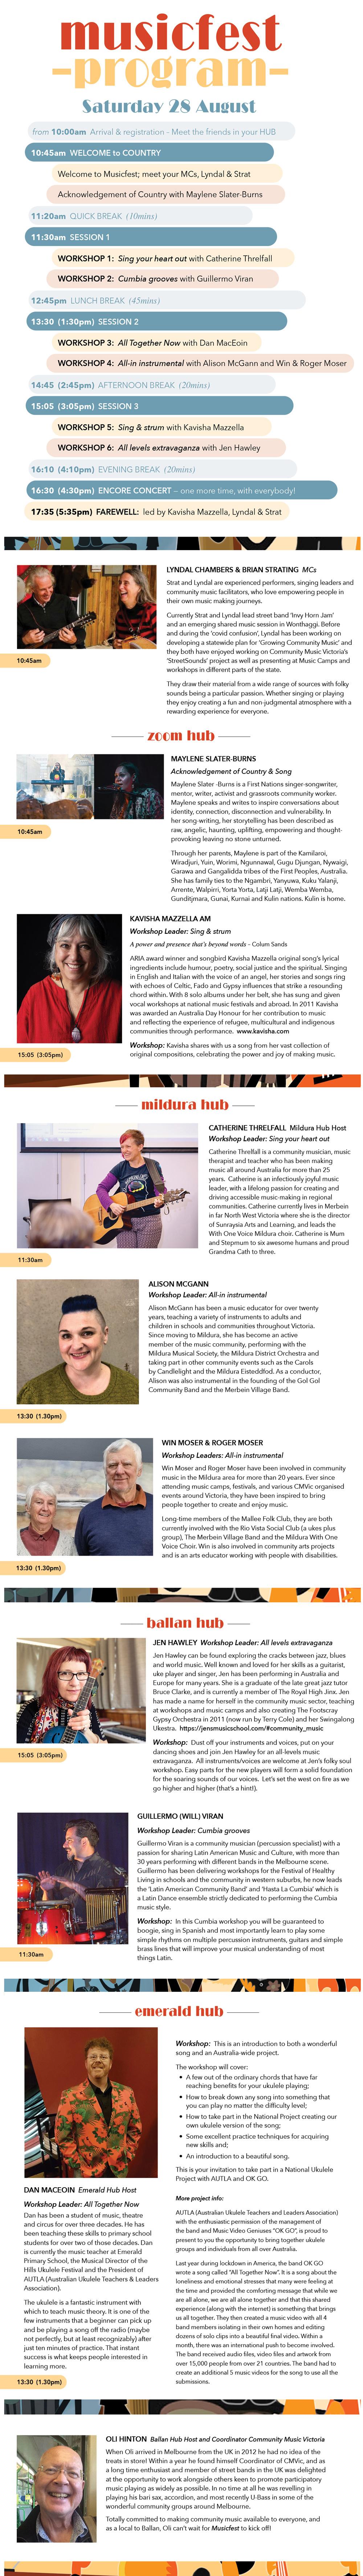 Musicfest 2021 Full Scrollable Program